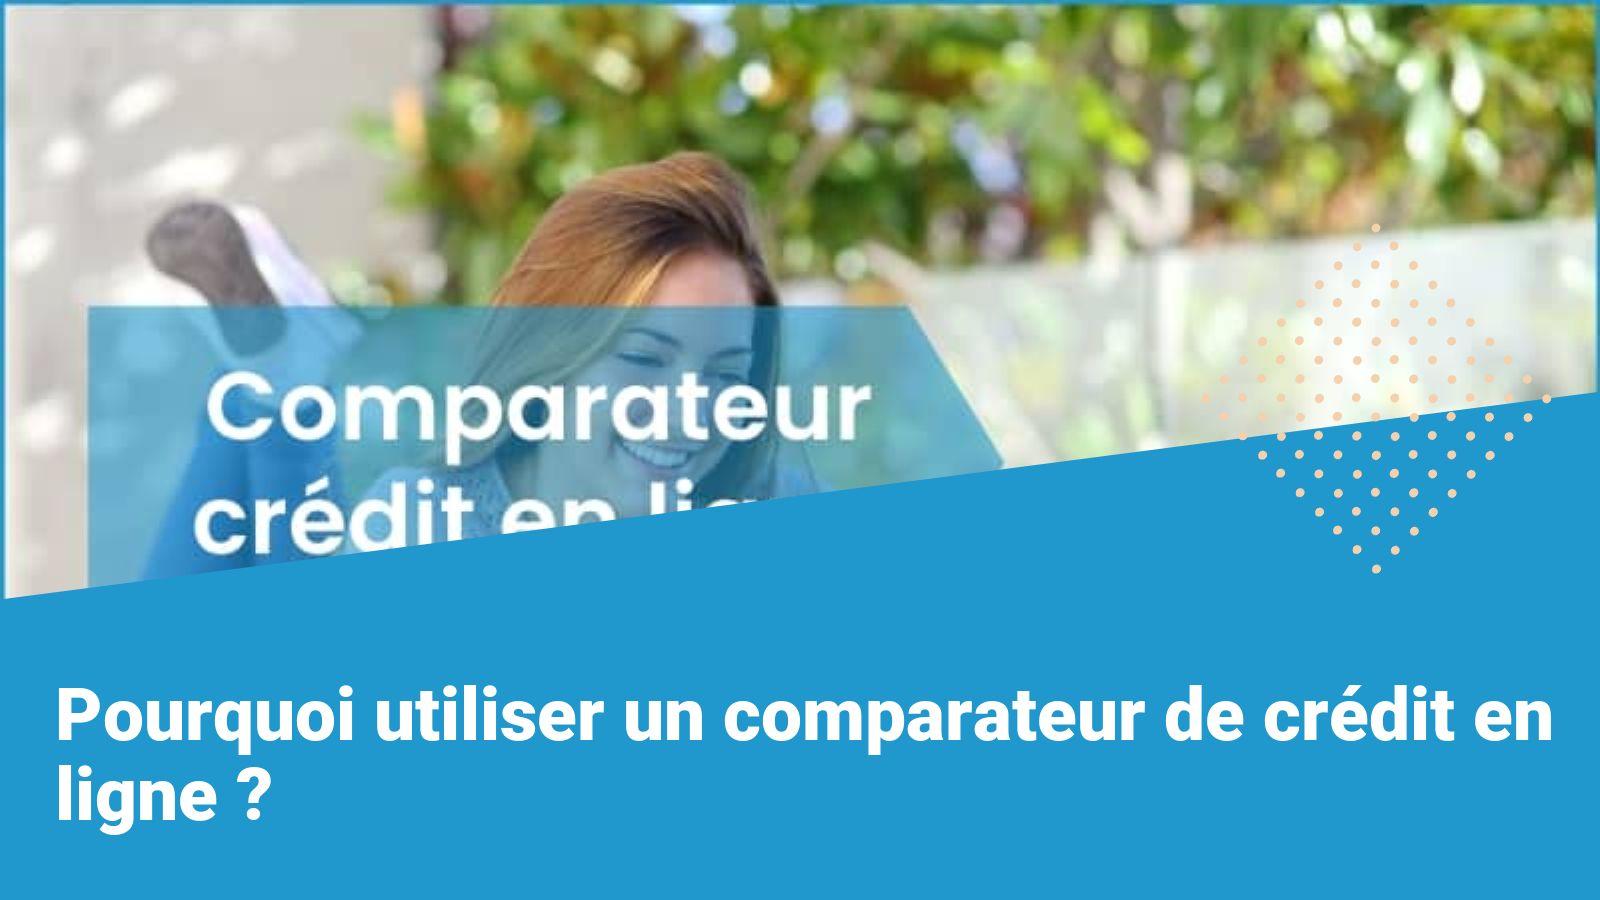 comparateur credit en ligne